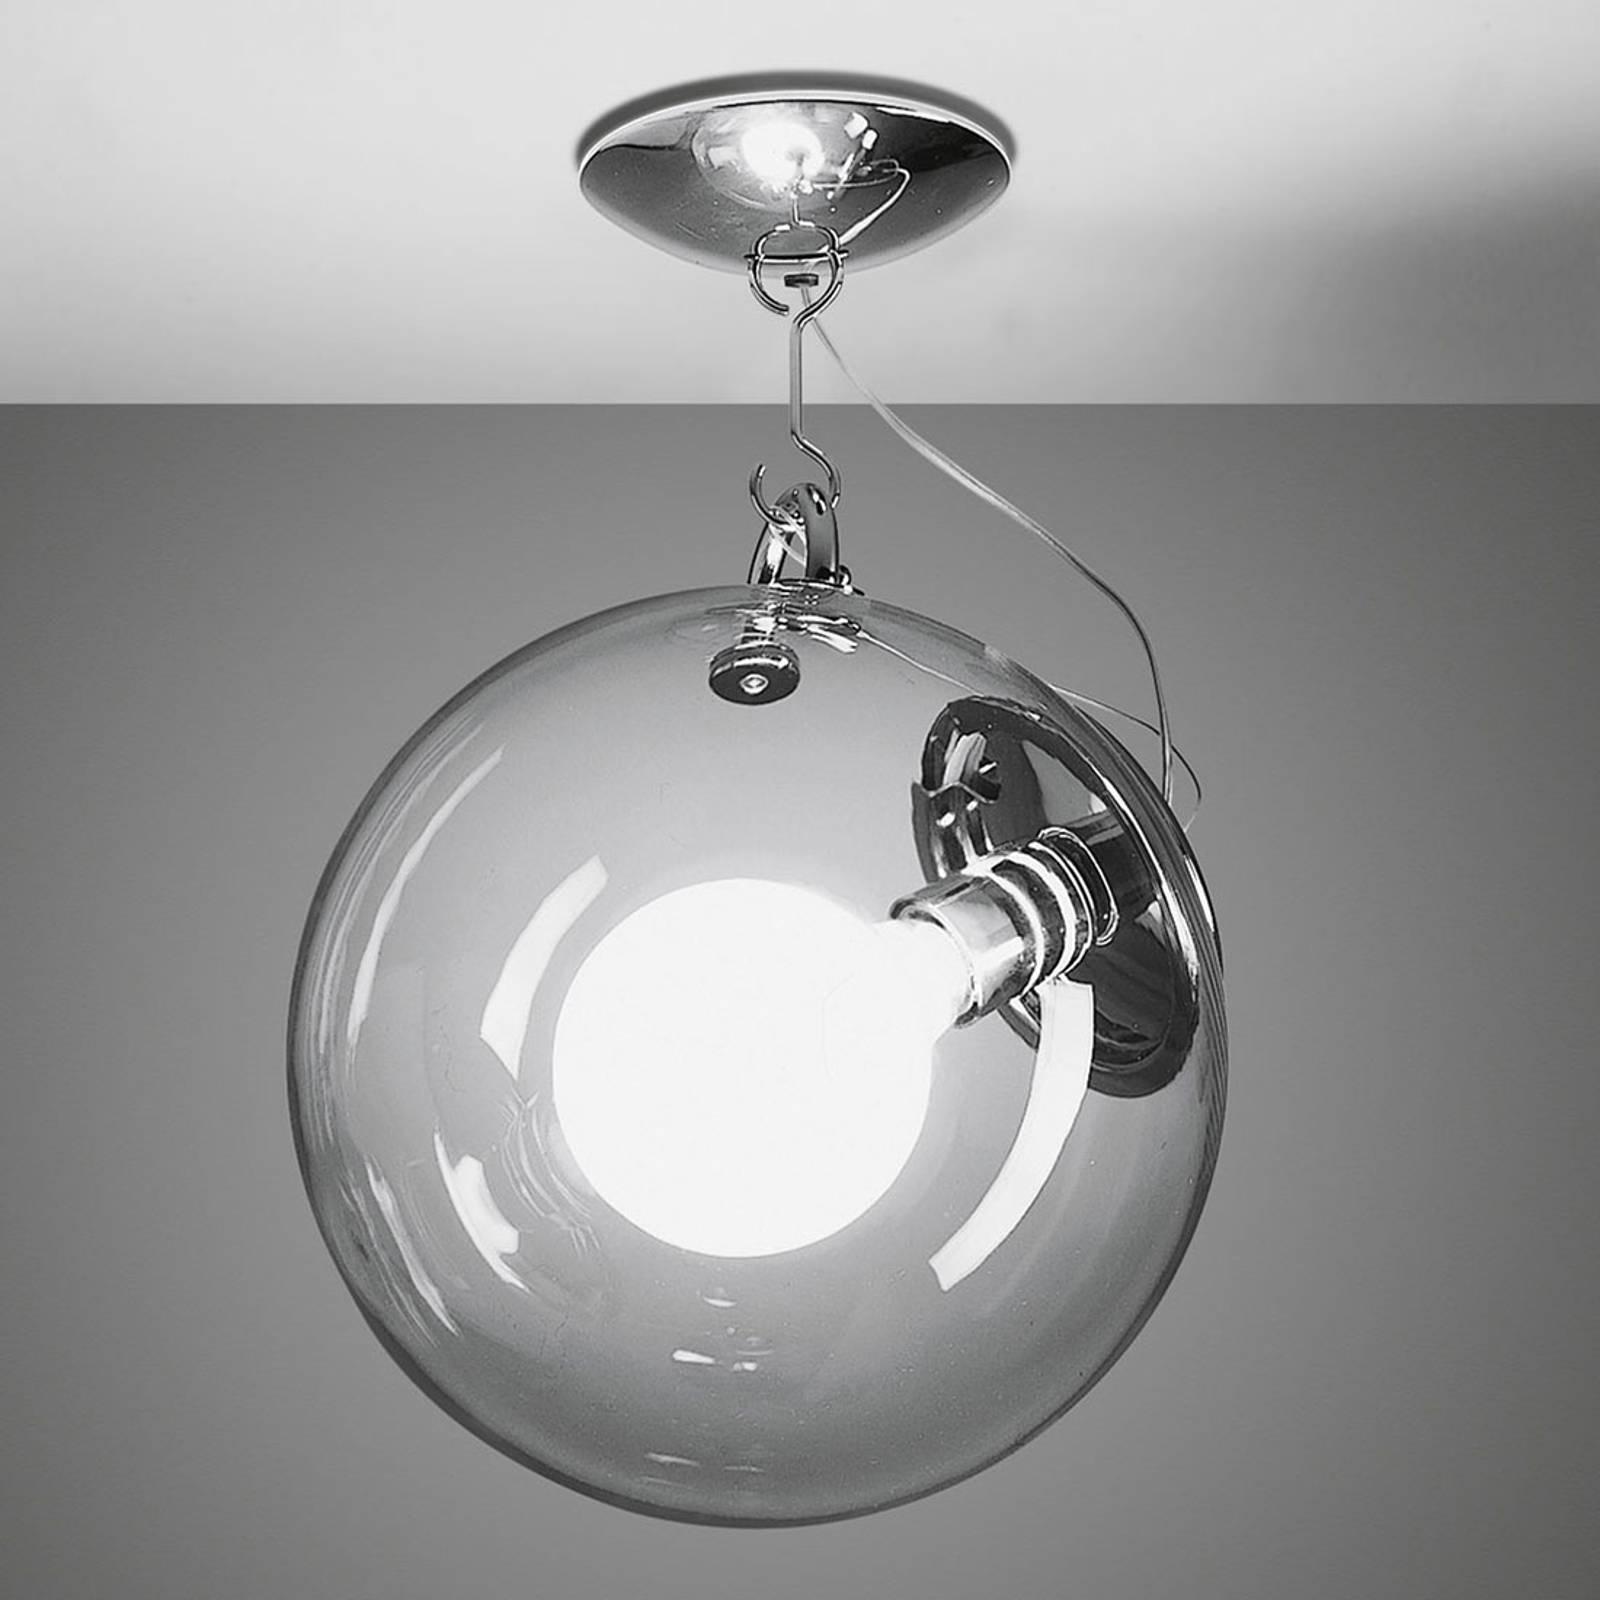 Artemide Miconos Glas-Deckenleuchte in Chrom